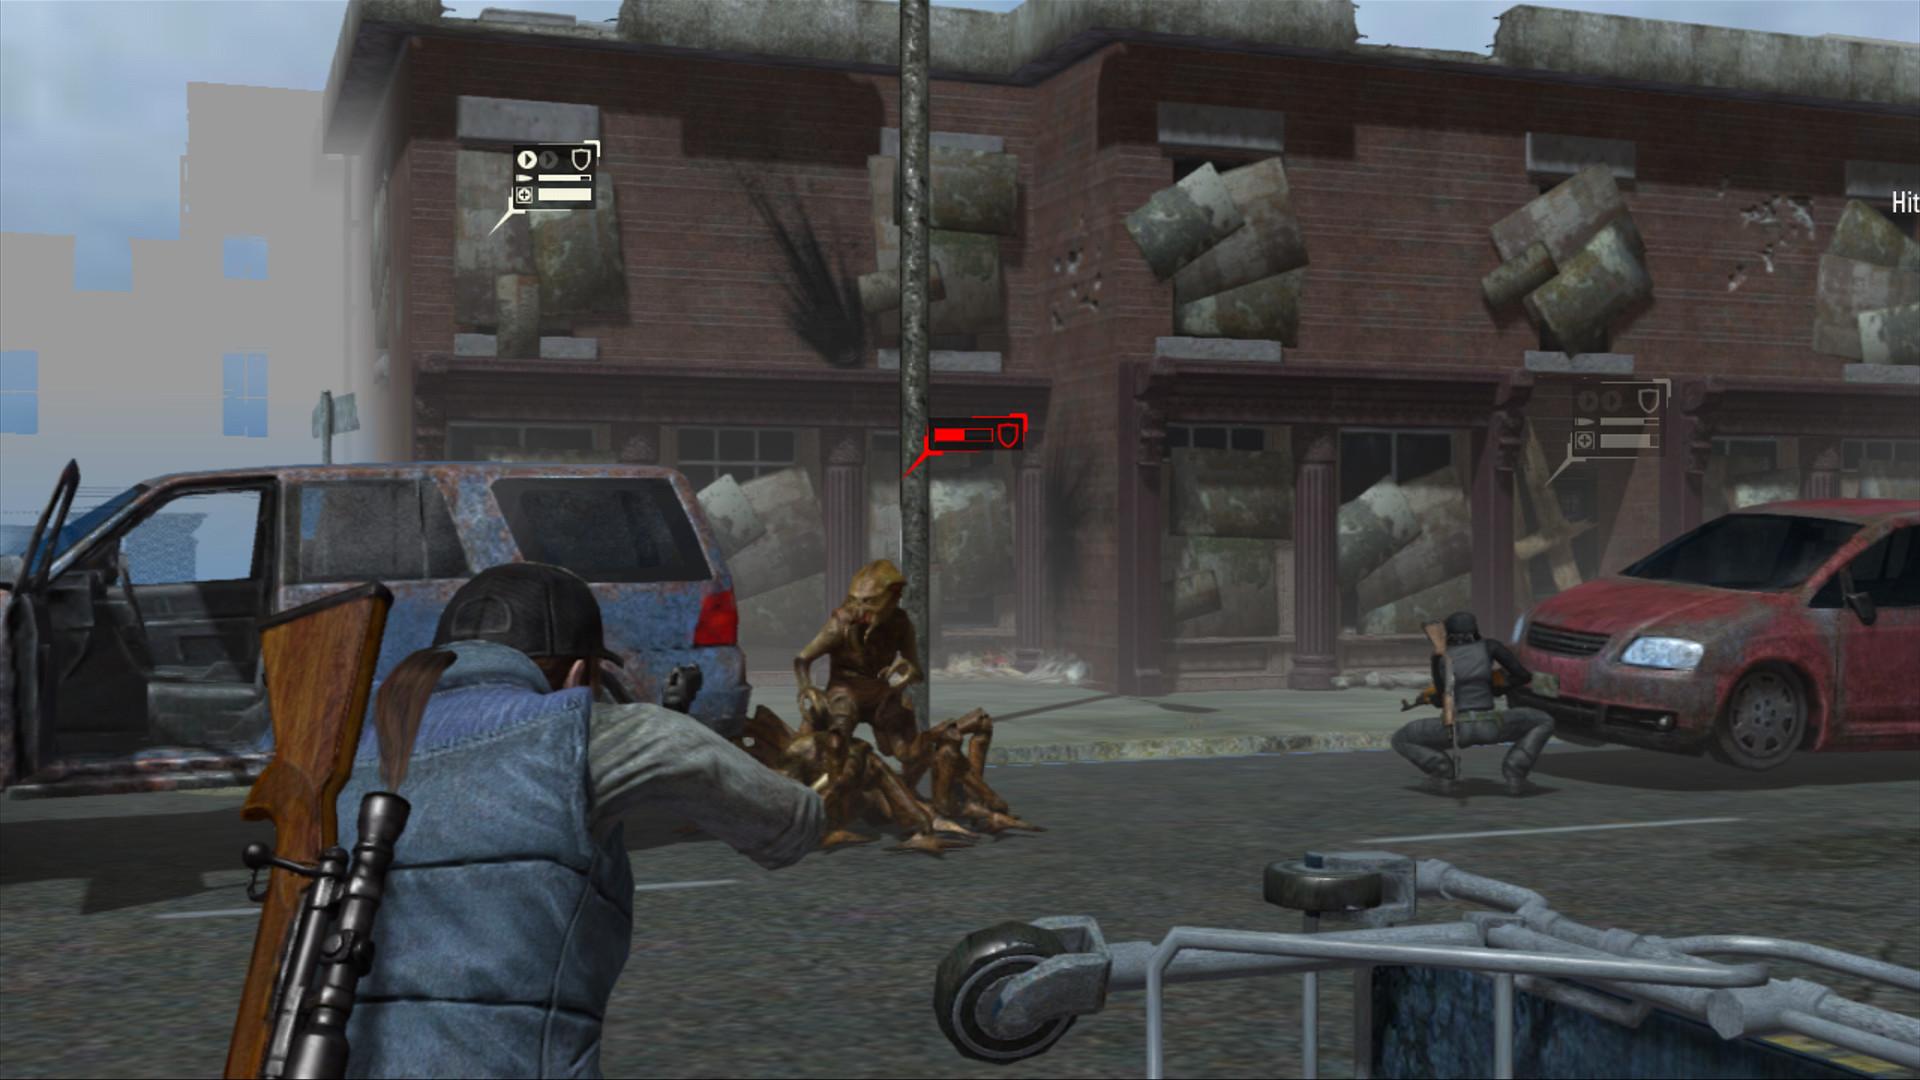 Falling Sky The Game Se Estrenara En Wii U Ps3 Y Xbox 360